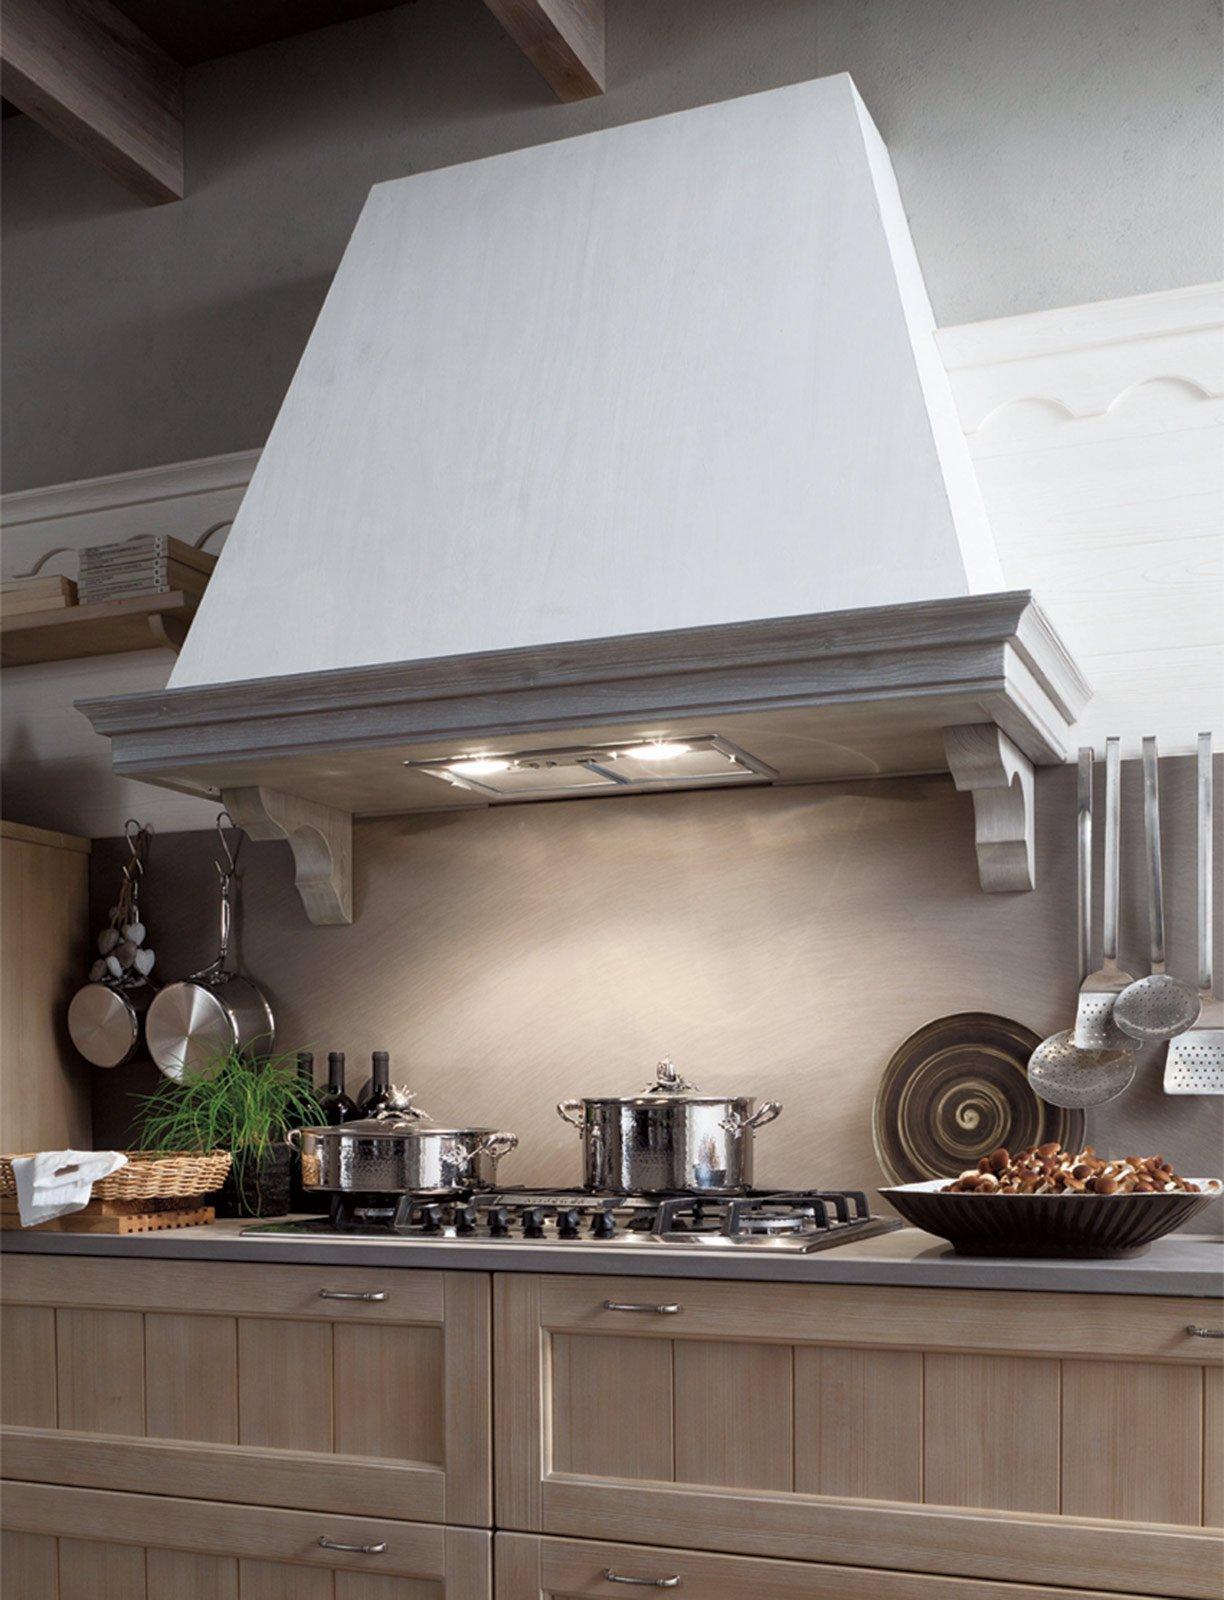 Cucina tante soluzioni per illuminarla cose di casa - Lampade x cucina ...